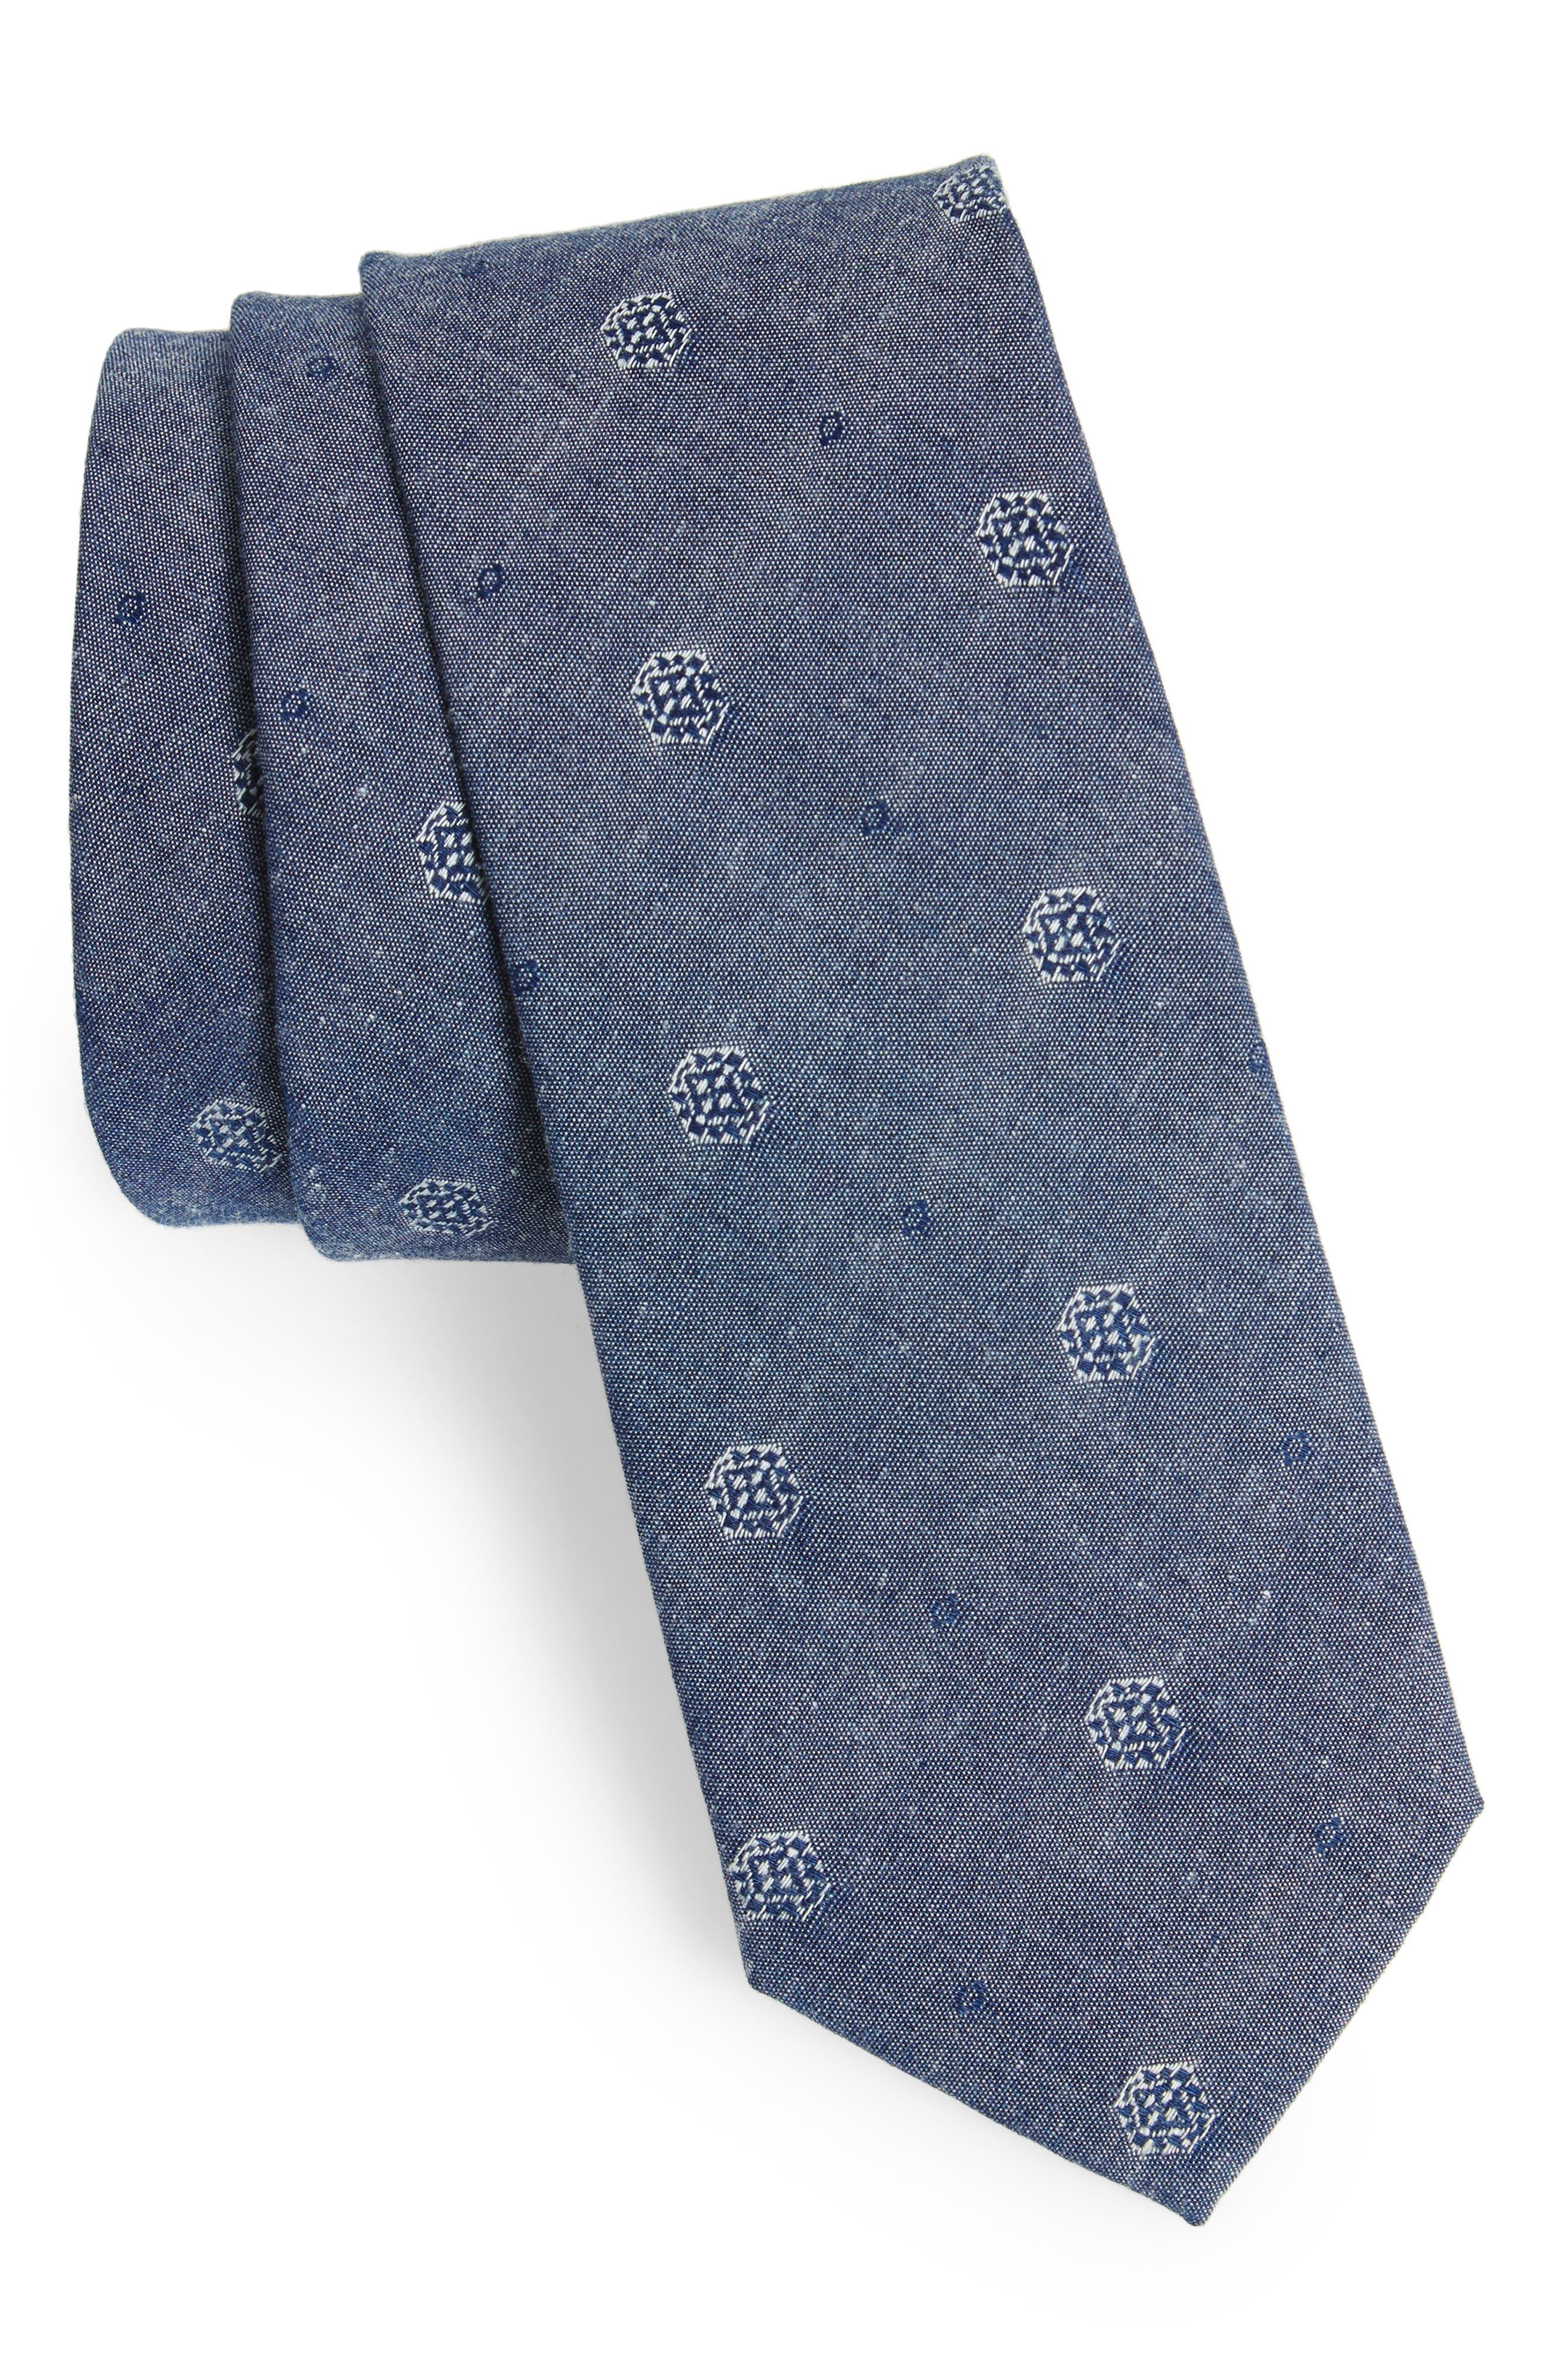 Medallion Cotton Tie,                             Main thumbnail 1, color,                             410